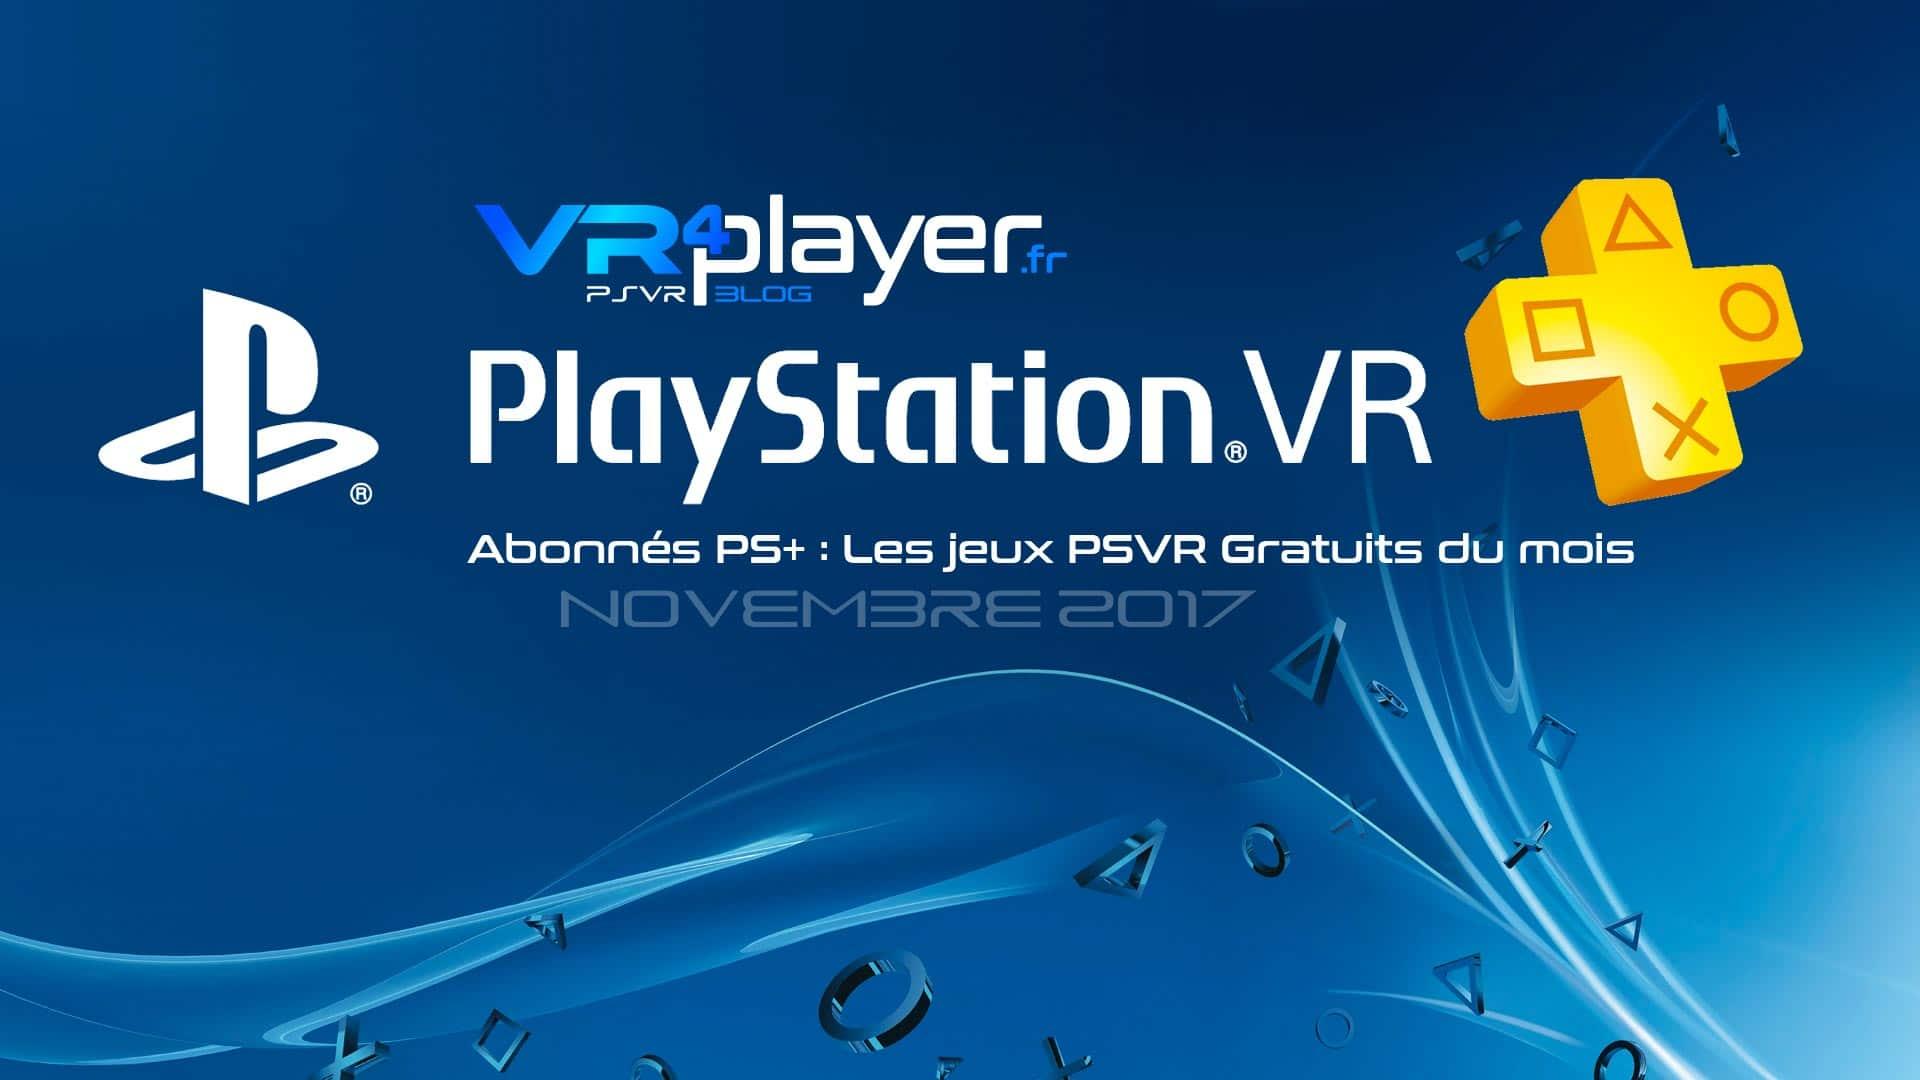 PlayStation Plus Les jeux gratuits VR4player